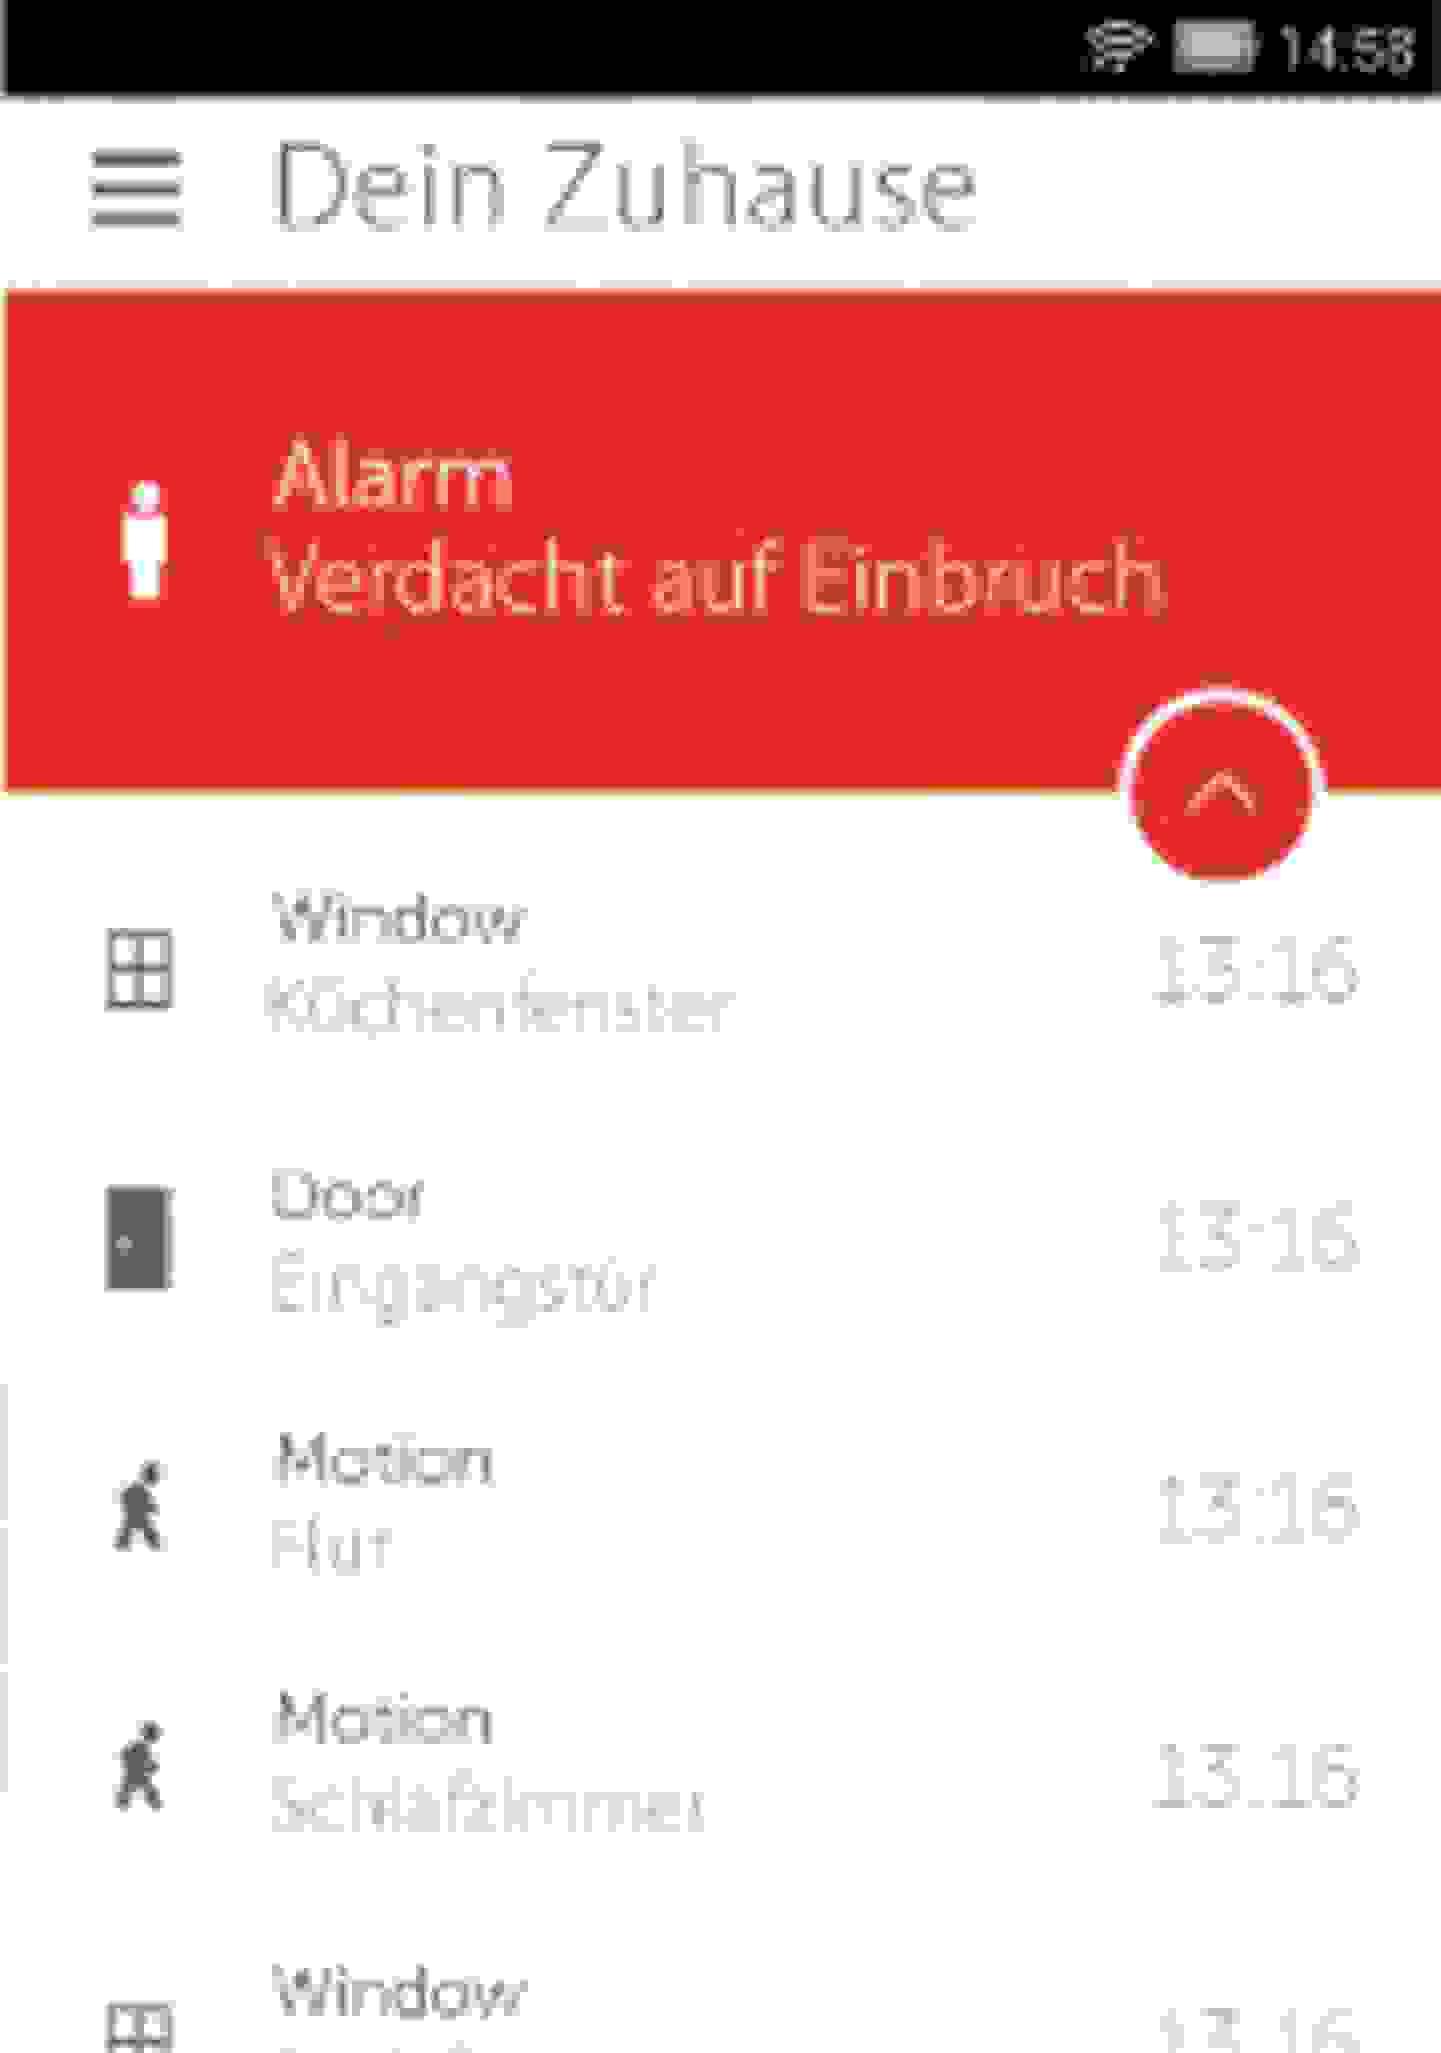 Alarmscreen